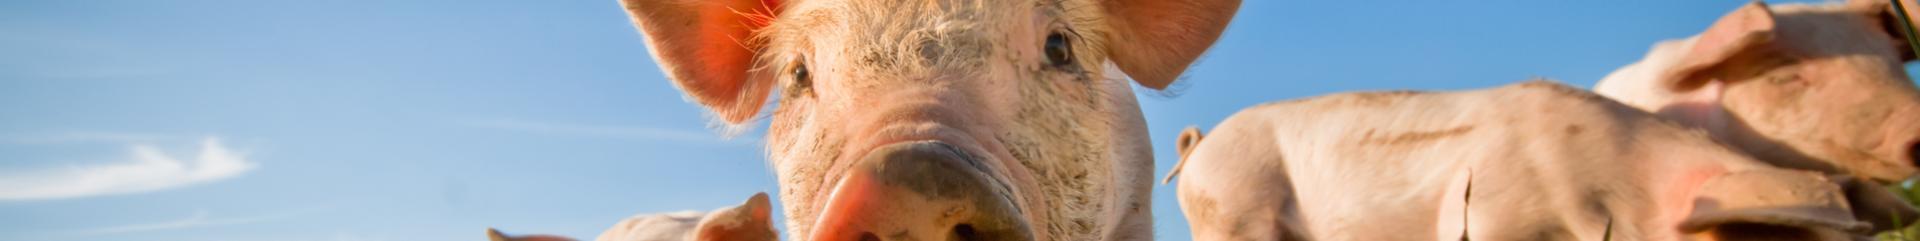 , Pies delanteros de cerdo